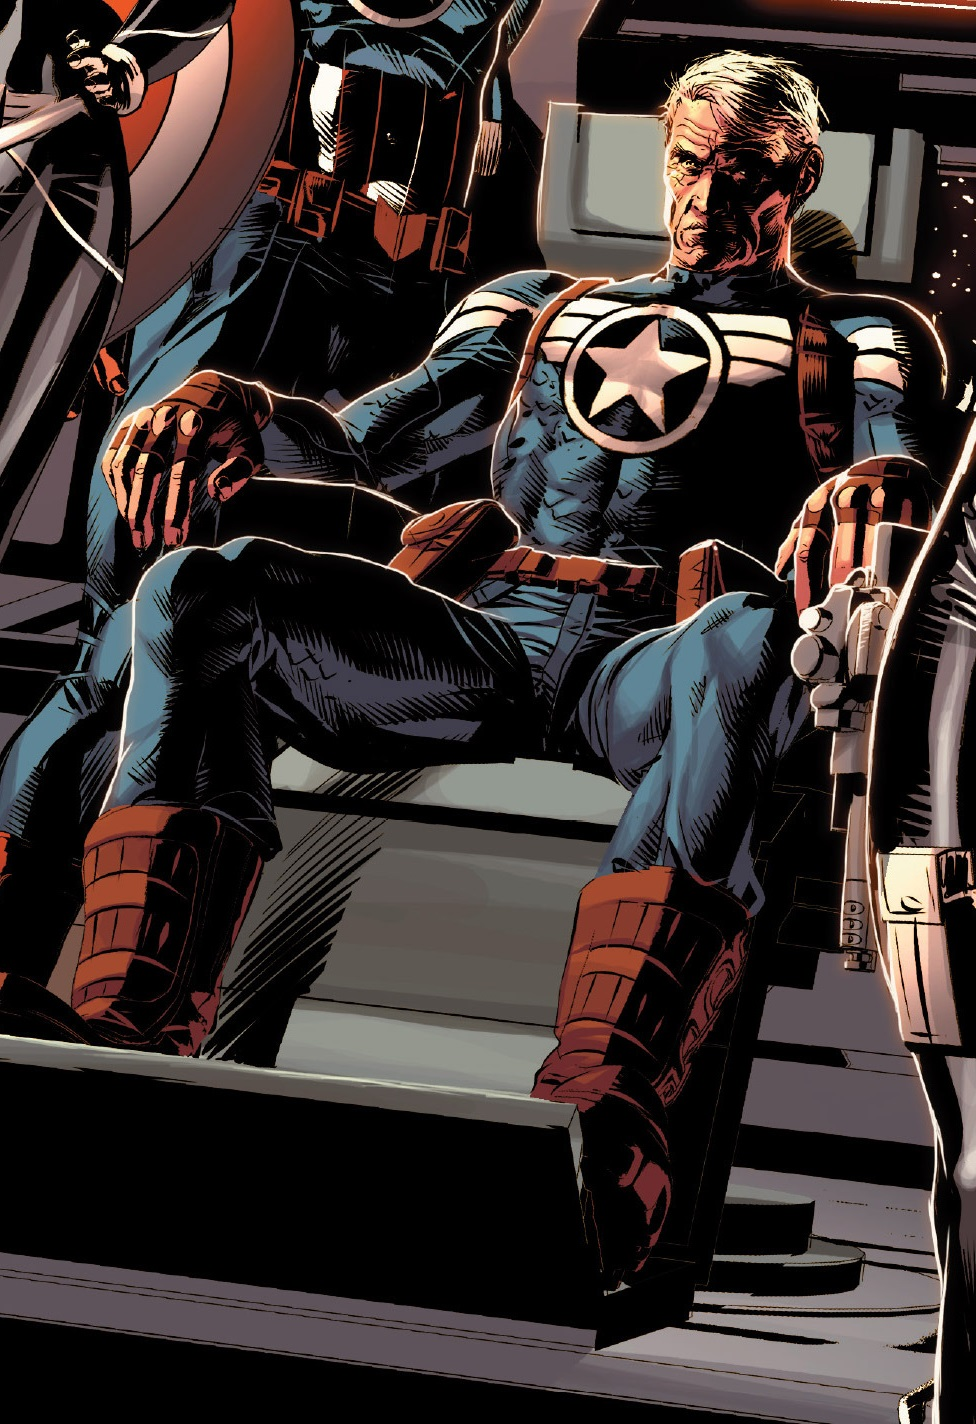 Steven_Rogers_Earth-616_from_Avengers_Vol_5_37.jpg